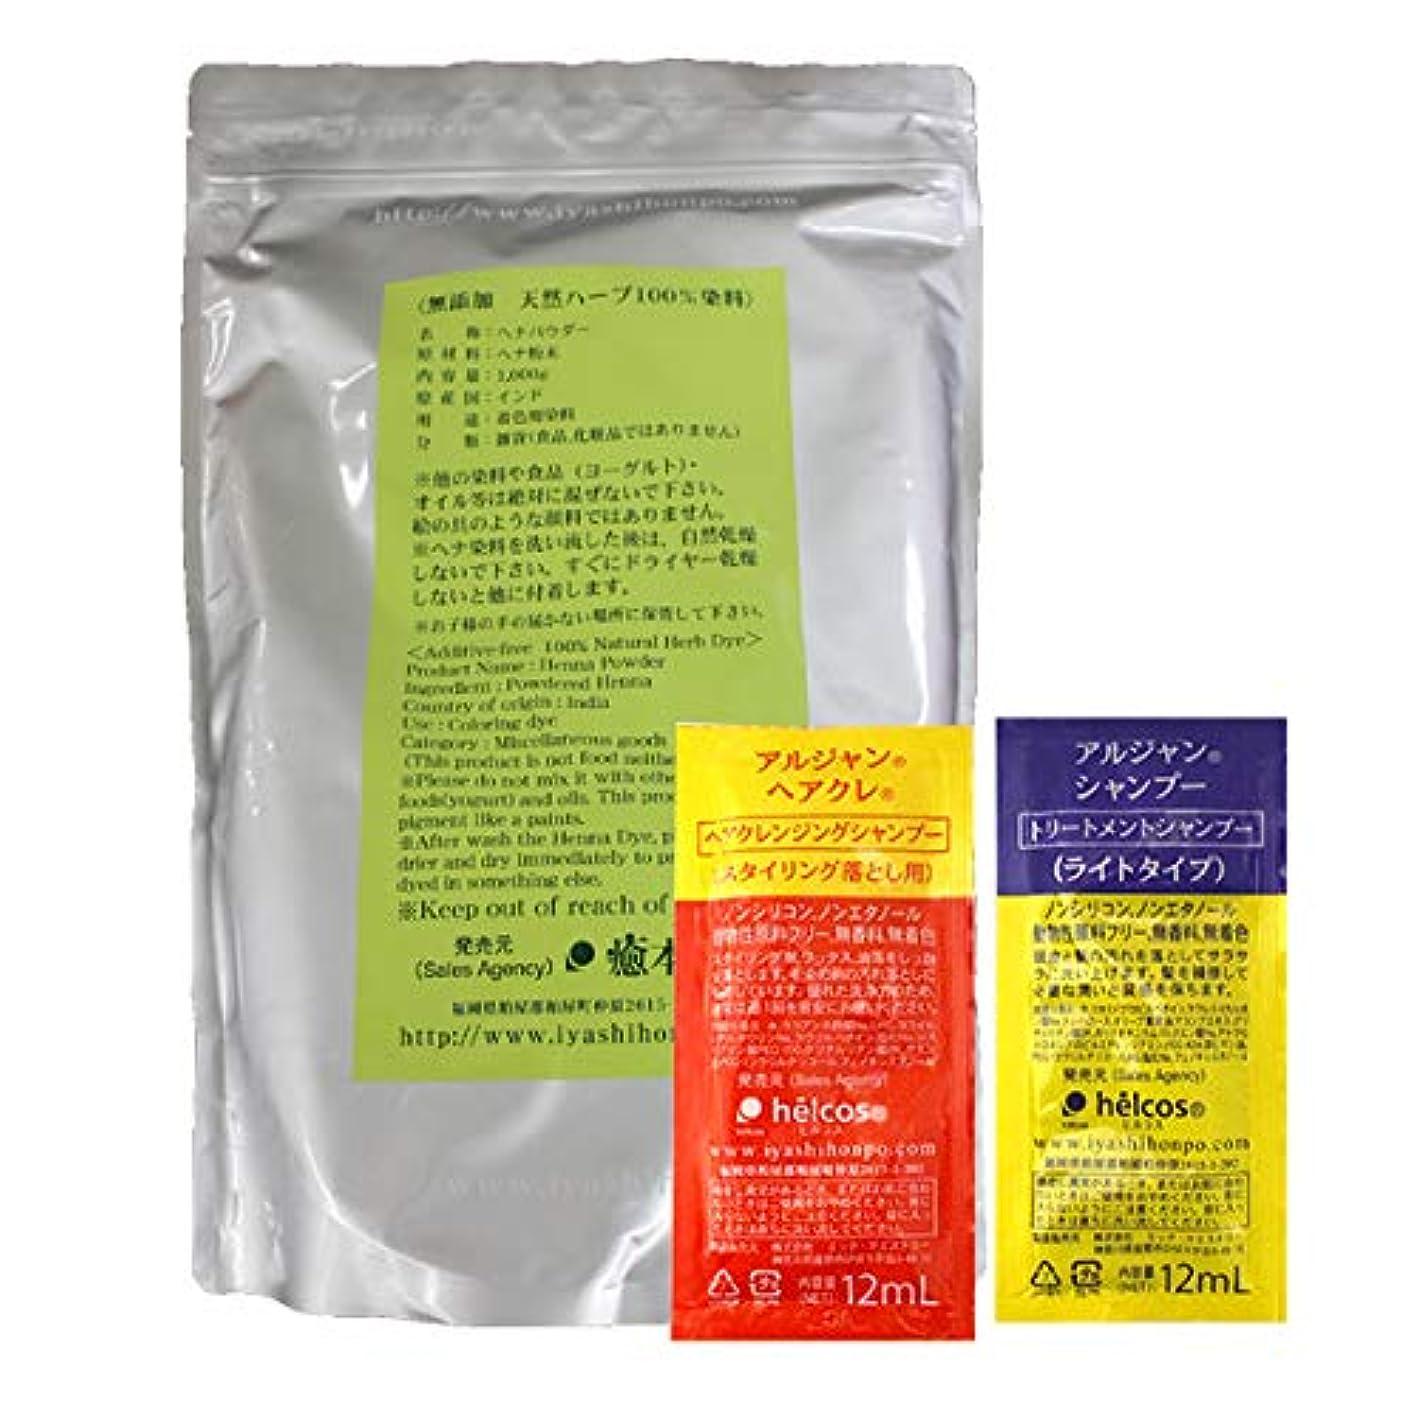 コンプライアンスシャイニングナット天然染料100% 癒本舗 ヘナ1000g+シャンプーセット 白髪染め ノンシリコン ヘアカラー ヘナカラー